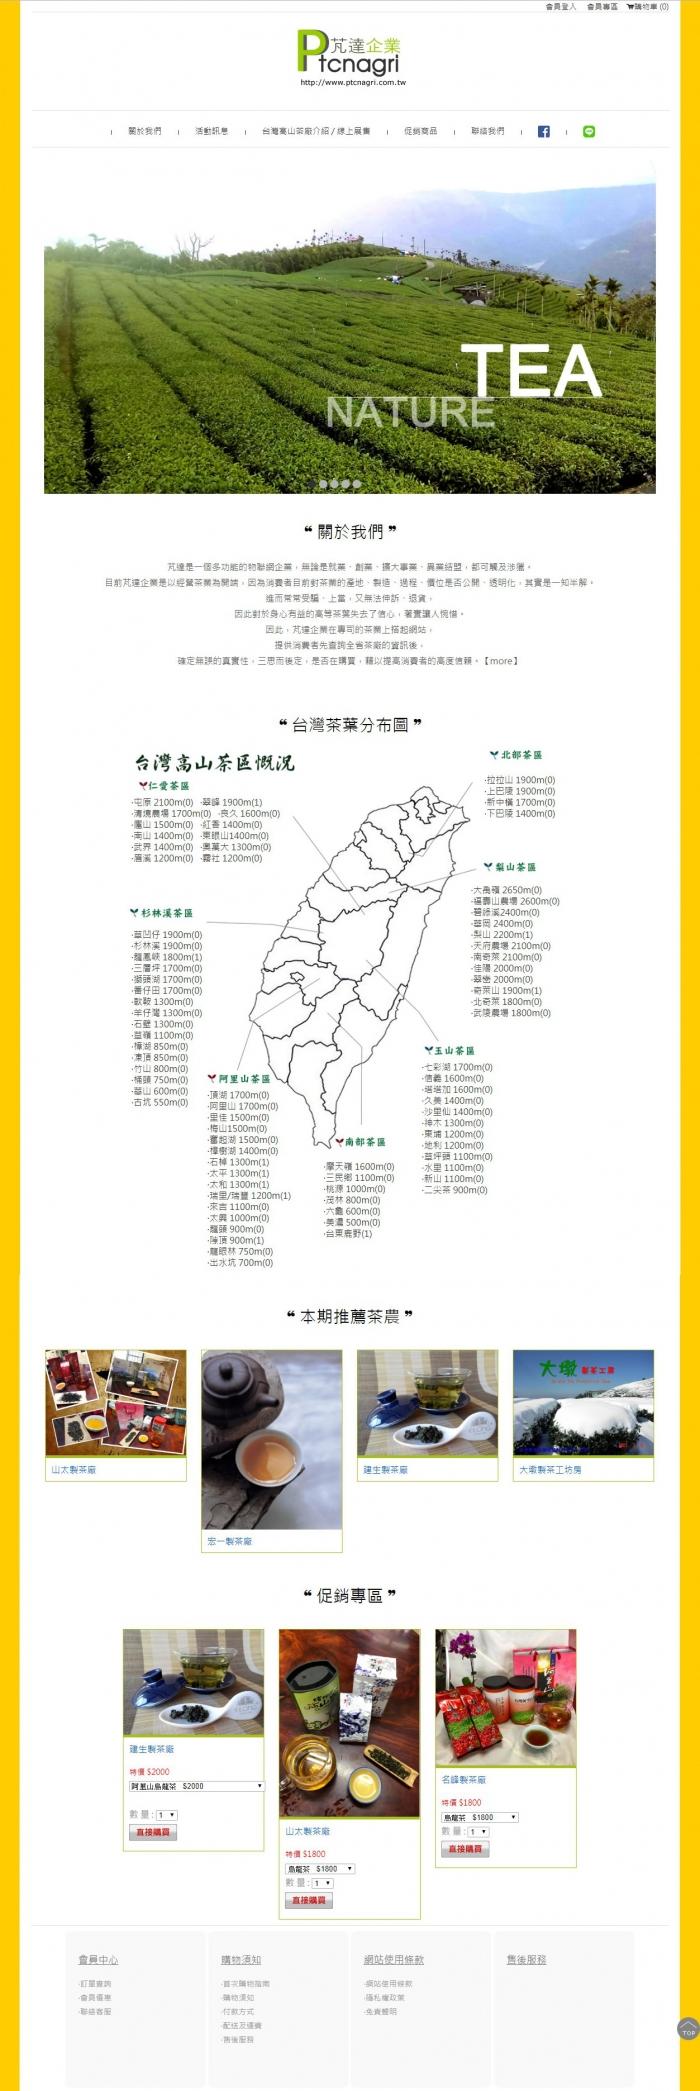 屏東網頁設計 屏東程式設計 工廠管理程式,台灣茶葉 ╱ Y.108 網頁設計 程式設計/屏東網頁設計